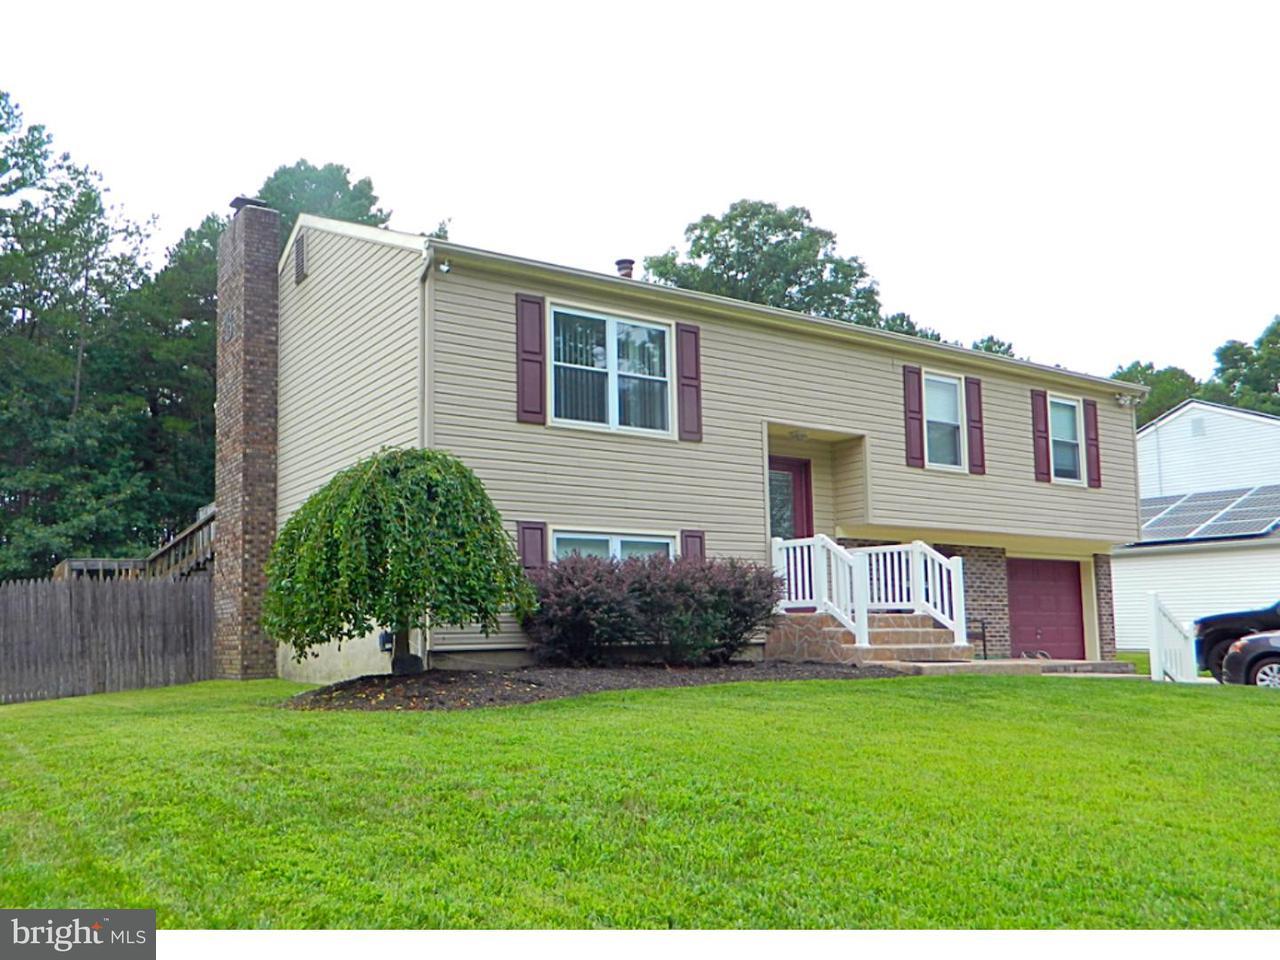 Частный односемейный дом для того Продажа на 19 SAWOOD Drive Erial, Нью-Джерси 08081 Соединенные Штаты